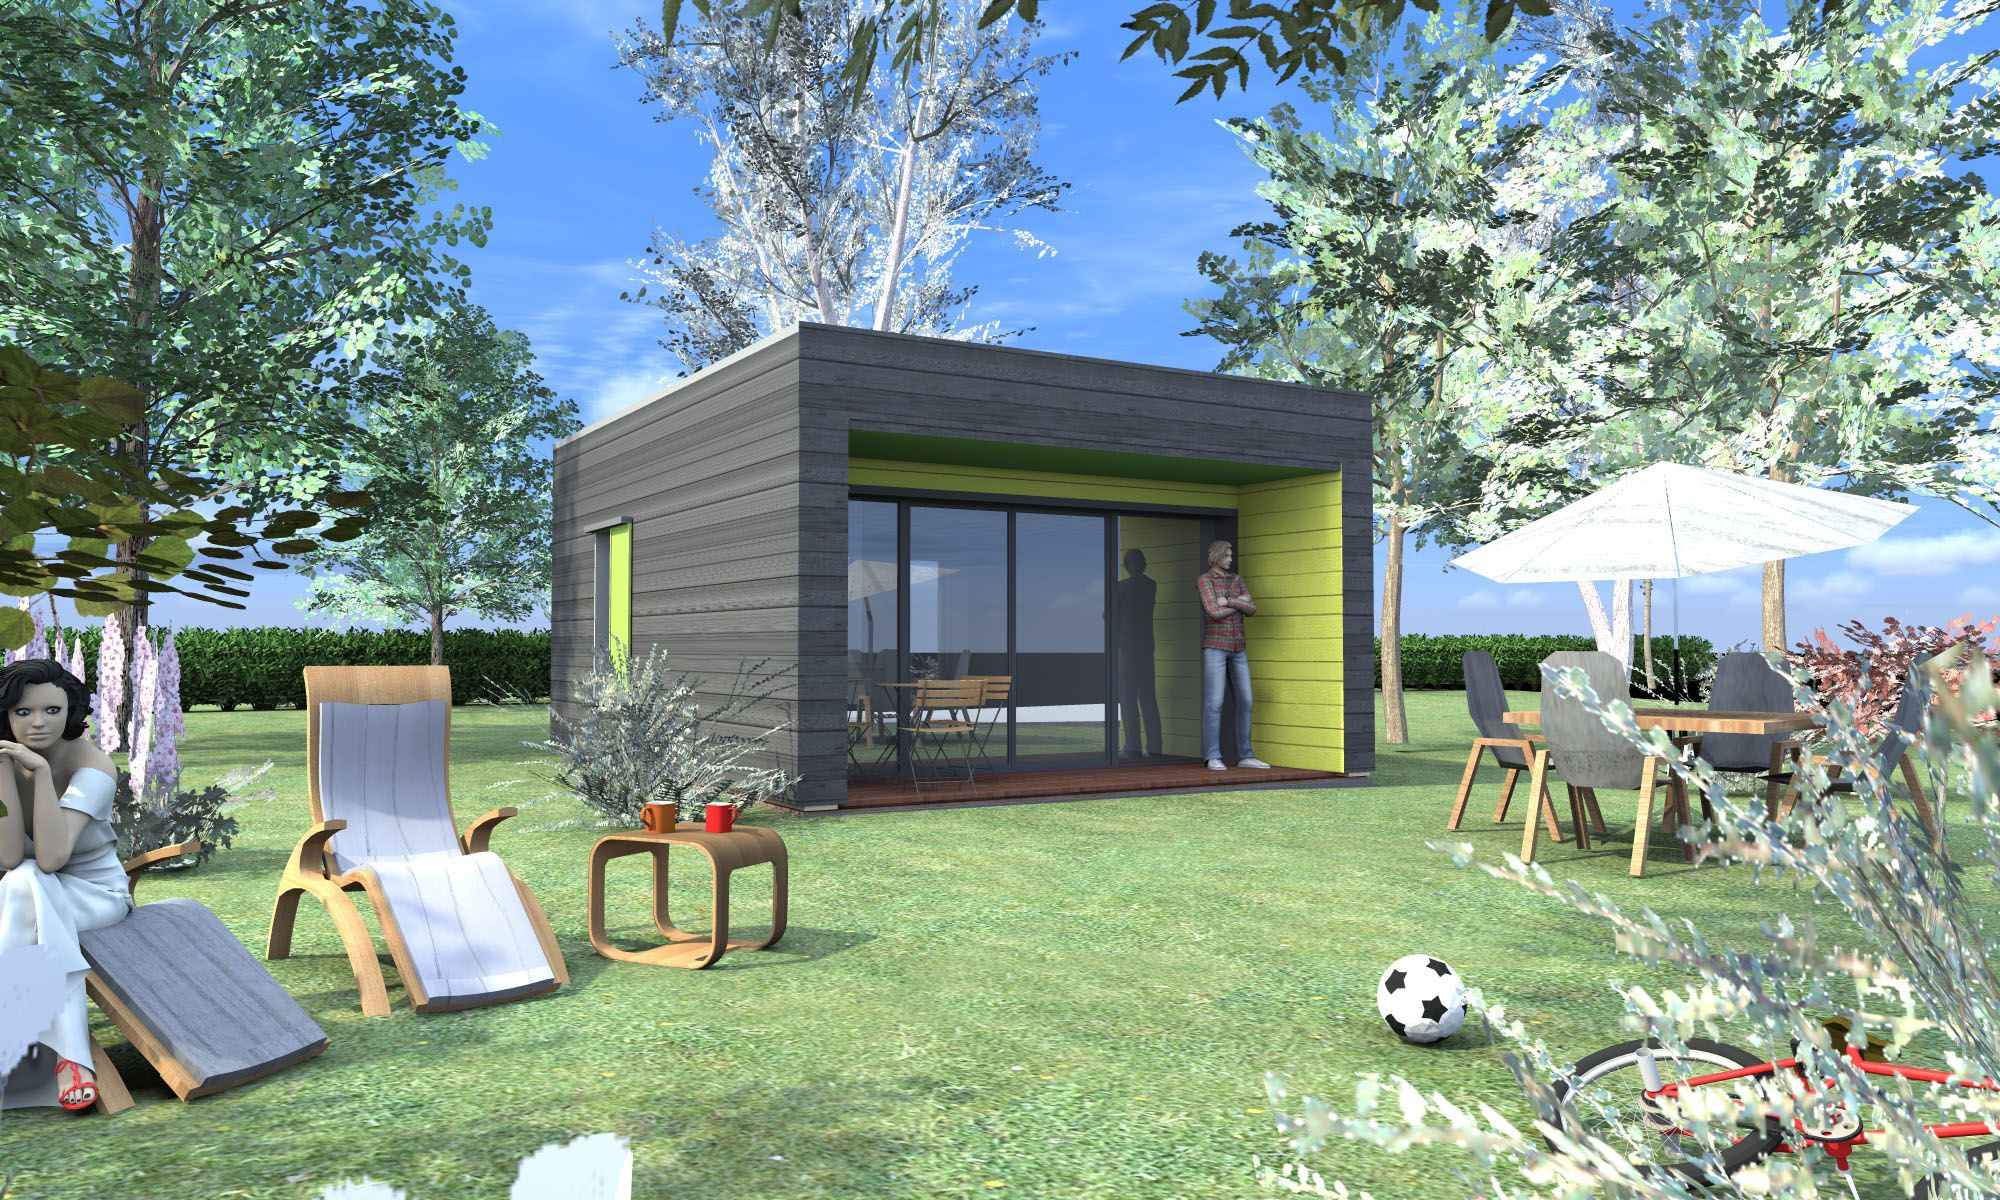 Maisons En Bois. Modèle Cubik 05 Vue Extérieure Jardin, Carpark | Gamme  Absolument Bois   Maisons à Ossature Bois | Pinterest